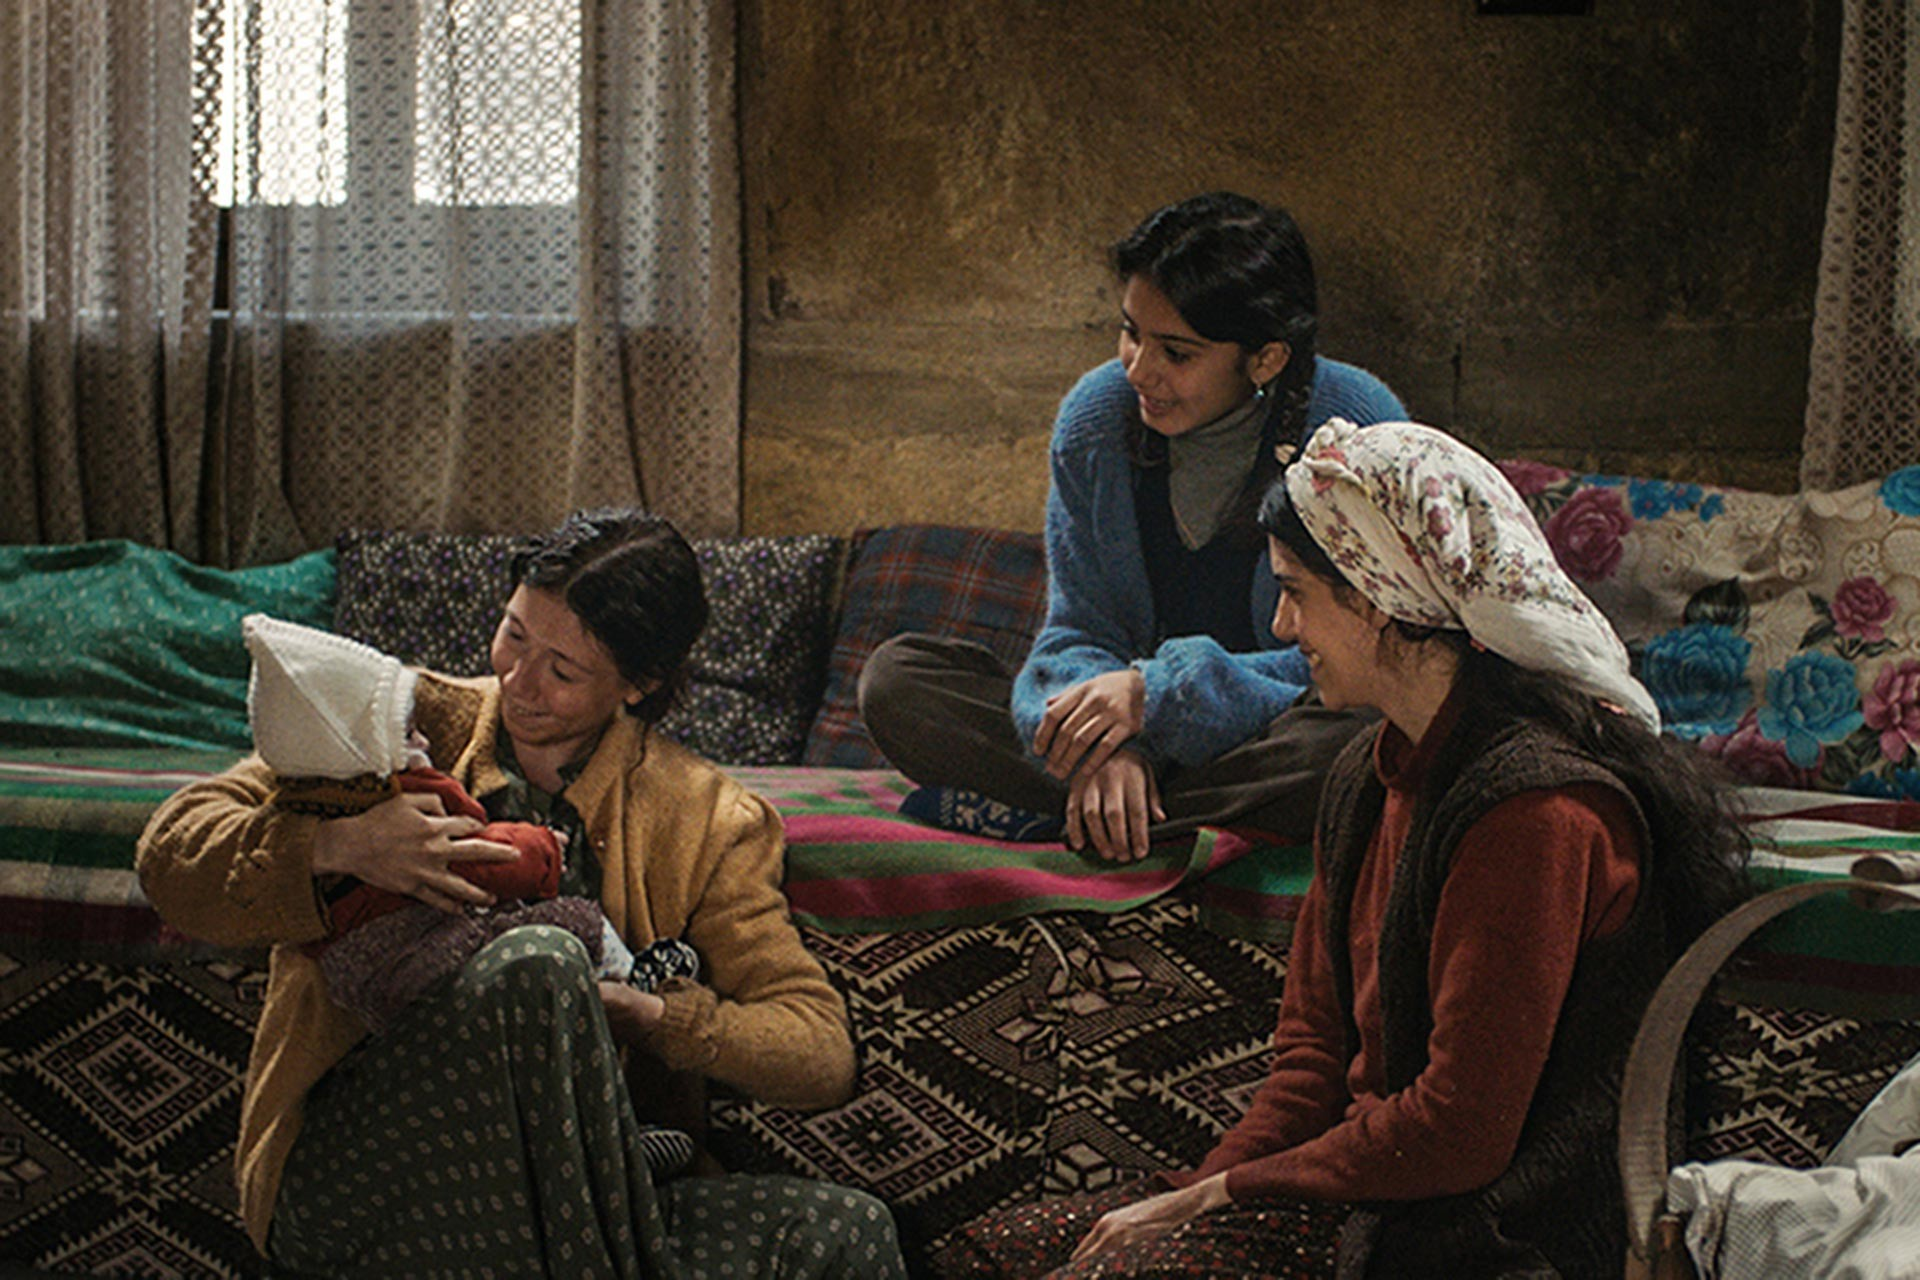 Kız Kardeşler filminden bir kare